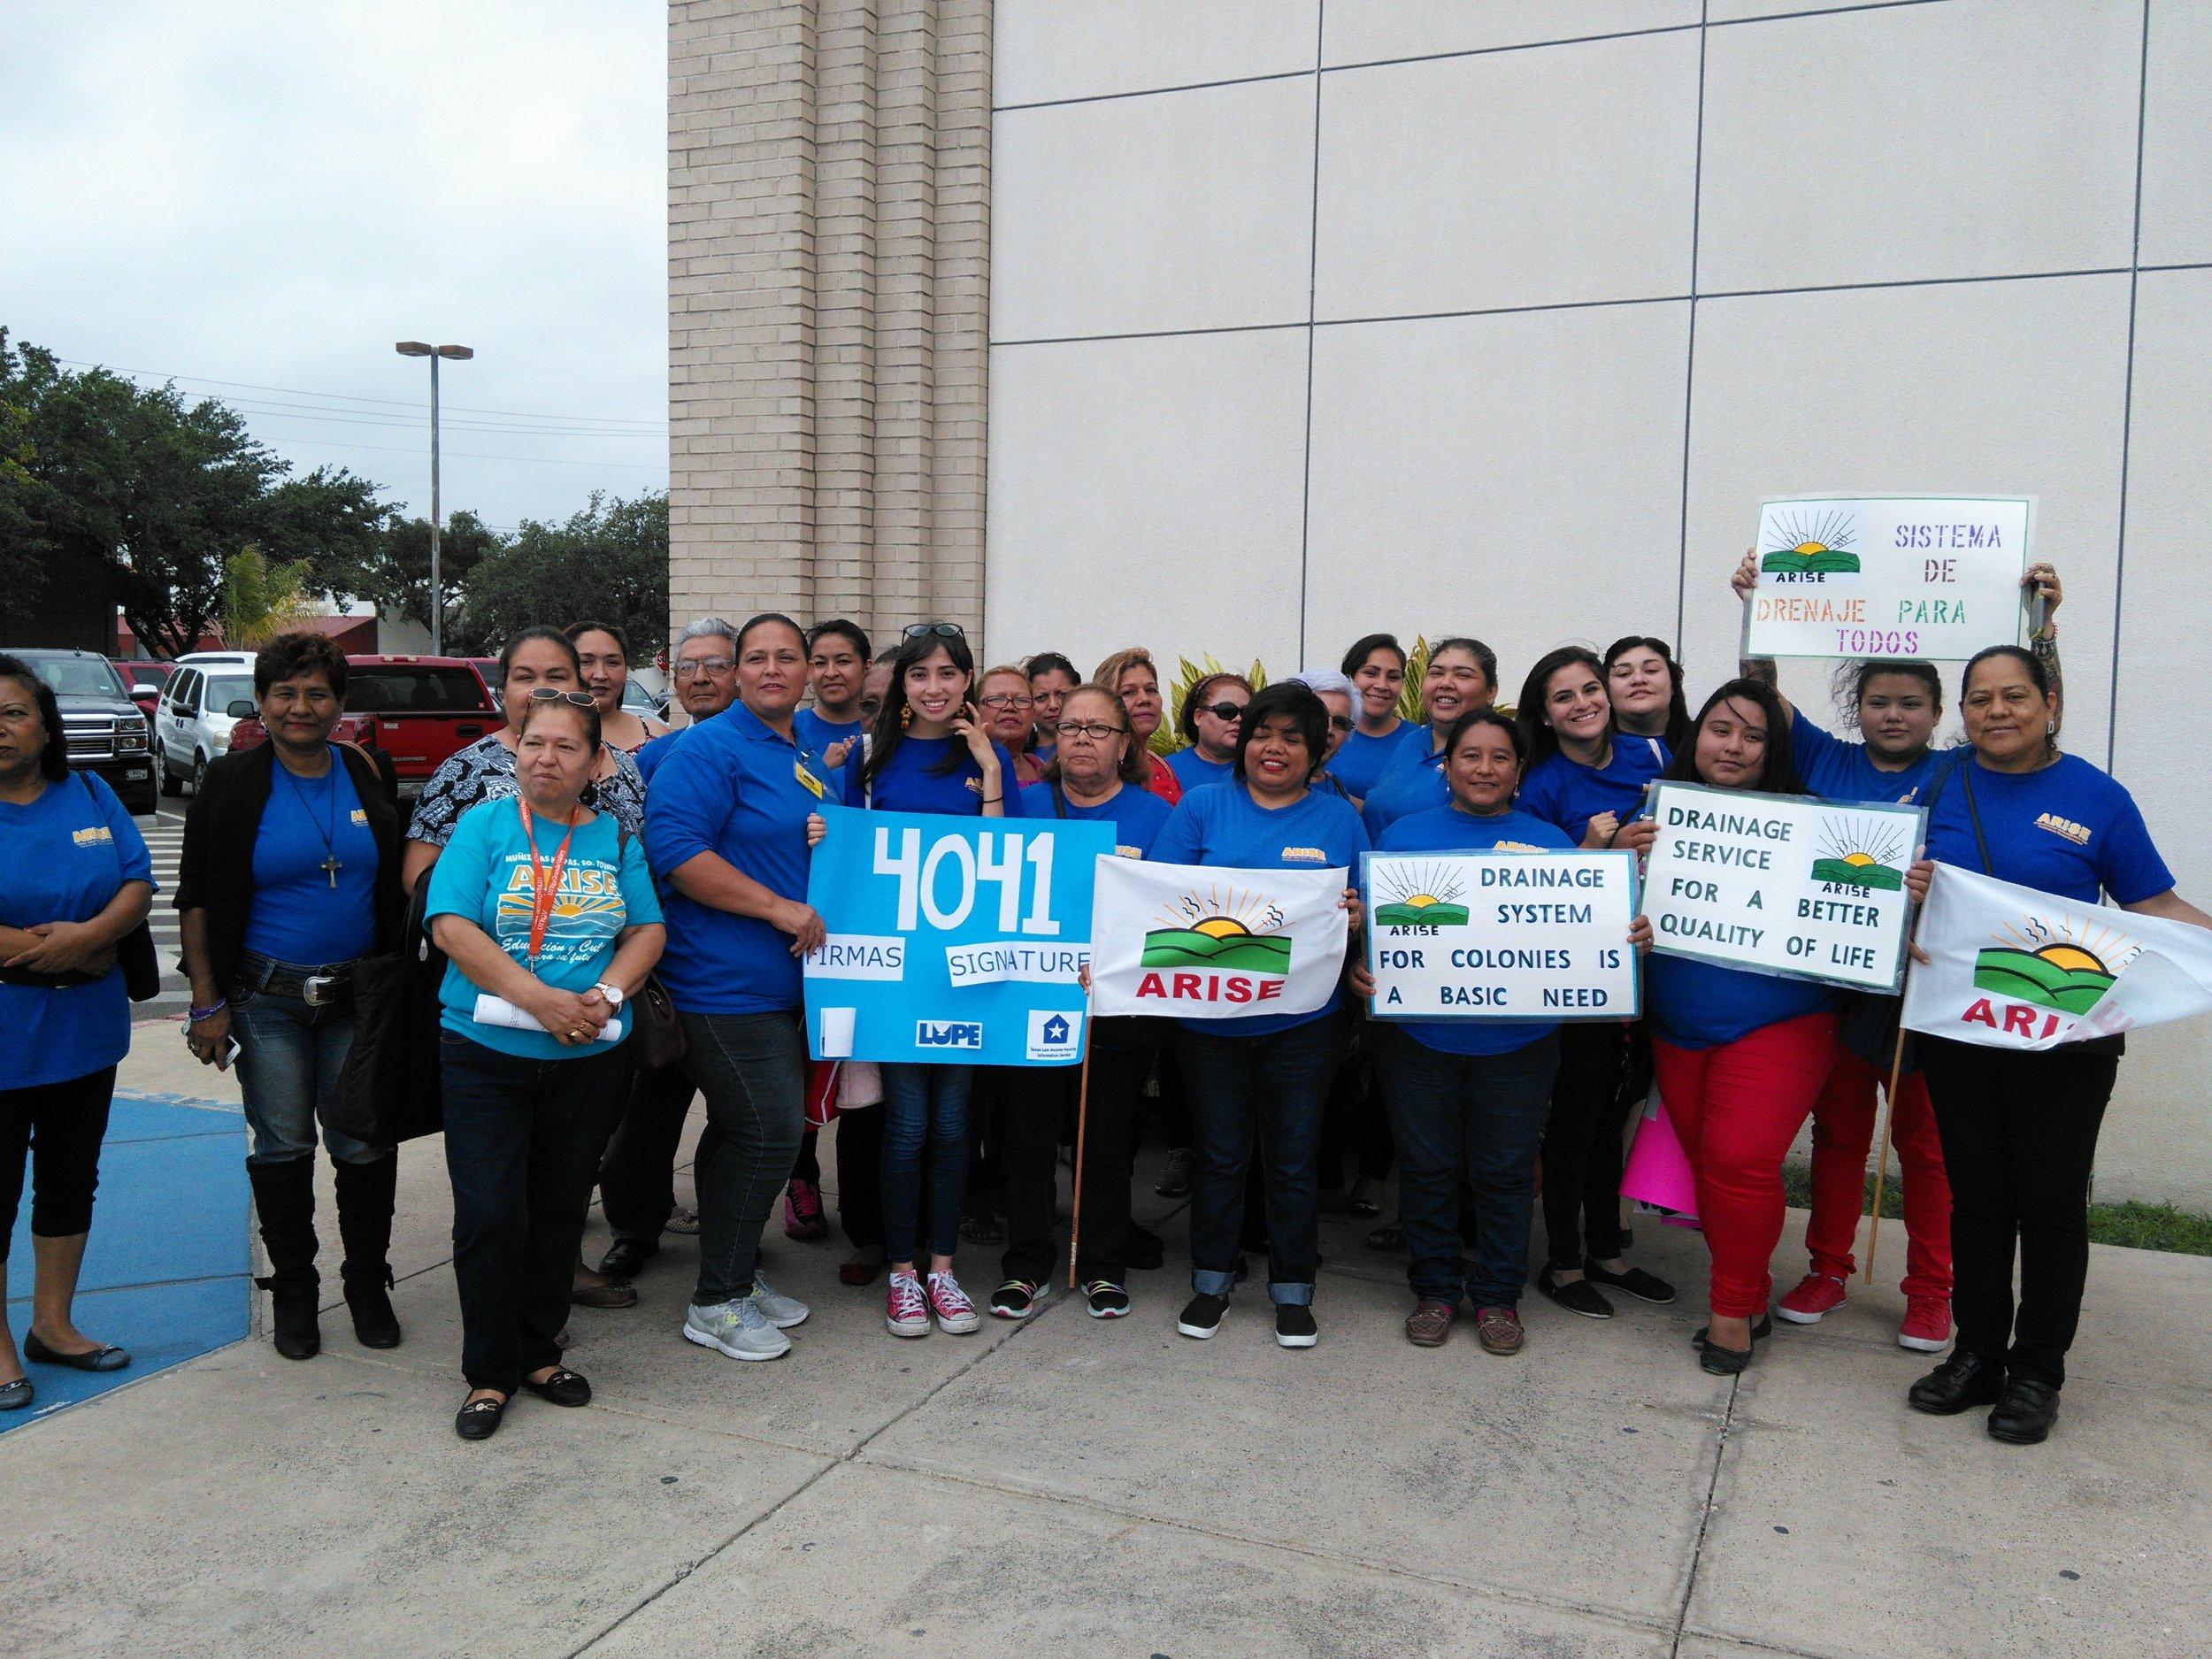 Fuera de la Corte del Comisionado ARISE, LUPE & Texas Vivienda de Bajos Ingresos se convirtió en 4041 firmas de peticiones (nuestro objetivo original era 3000) para los tres objetivos de nuestra campaña de drenaje